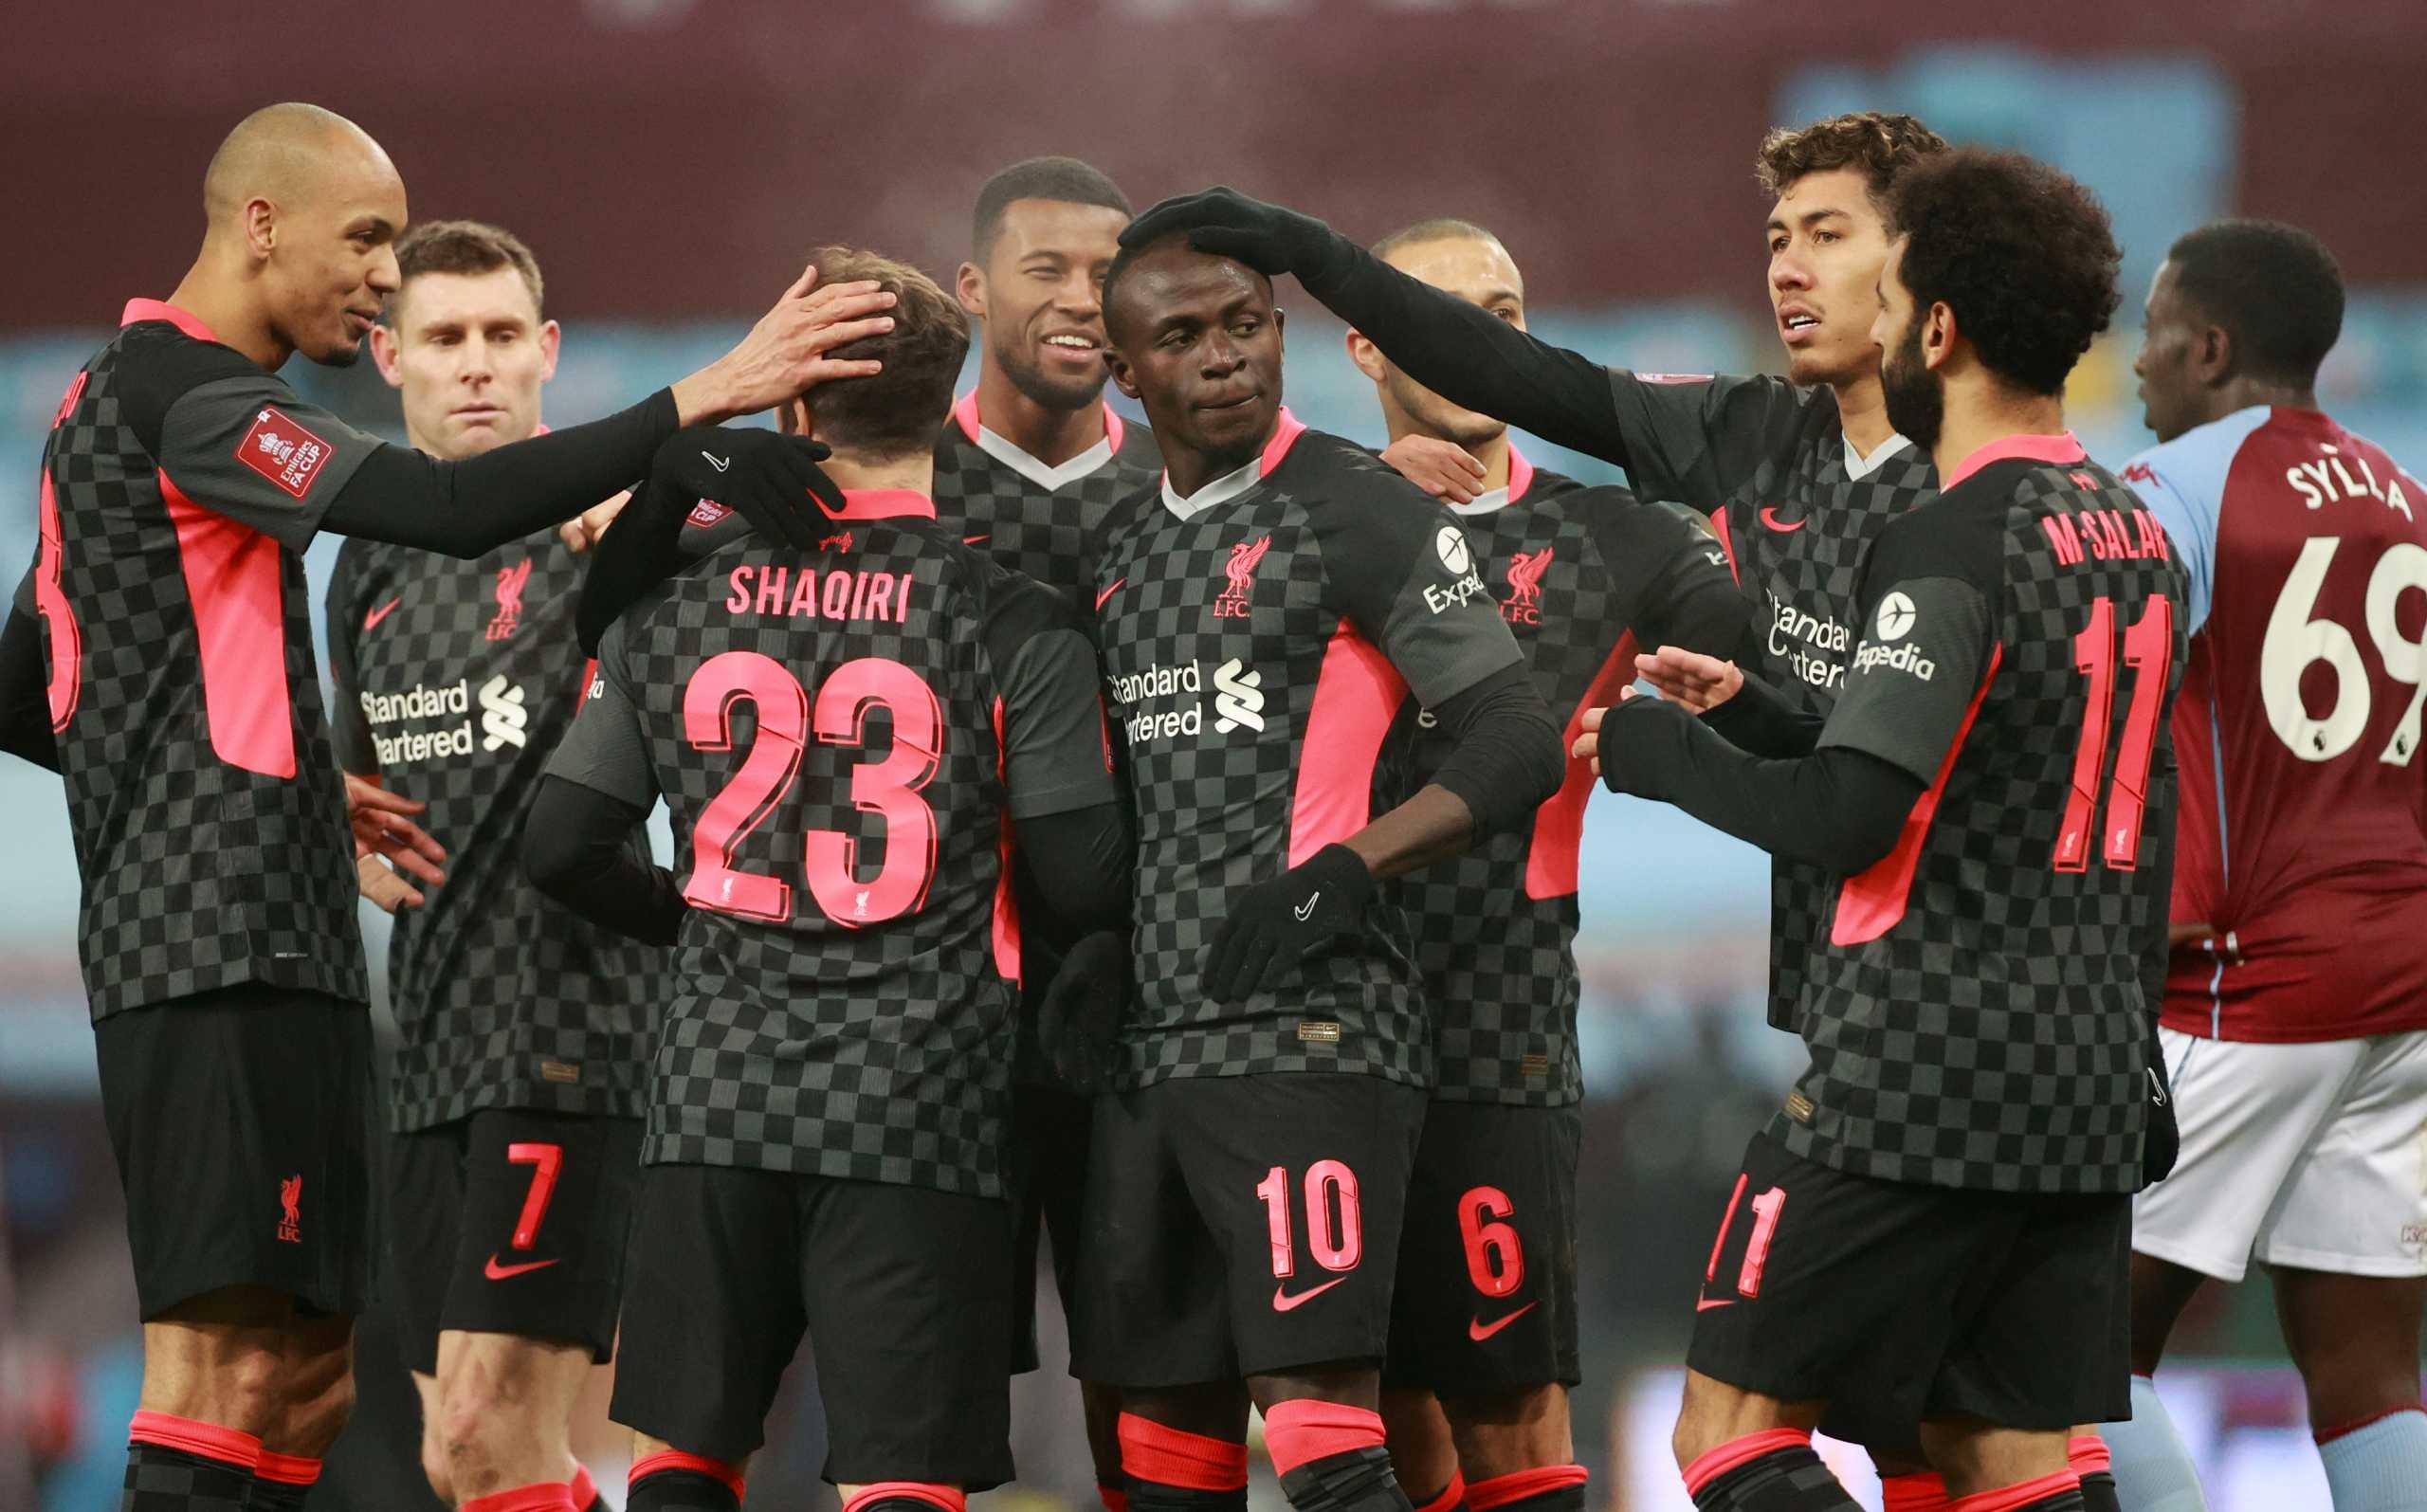 Κύπελλο Αγγλίας: Η Λίβερπουλ απέκλεισε την «ηρωική» Άστον Βίλα – Πρόκριση και για τη Γουλβς (videos)